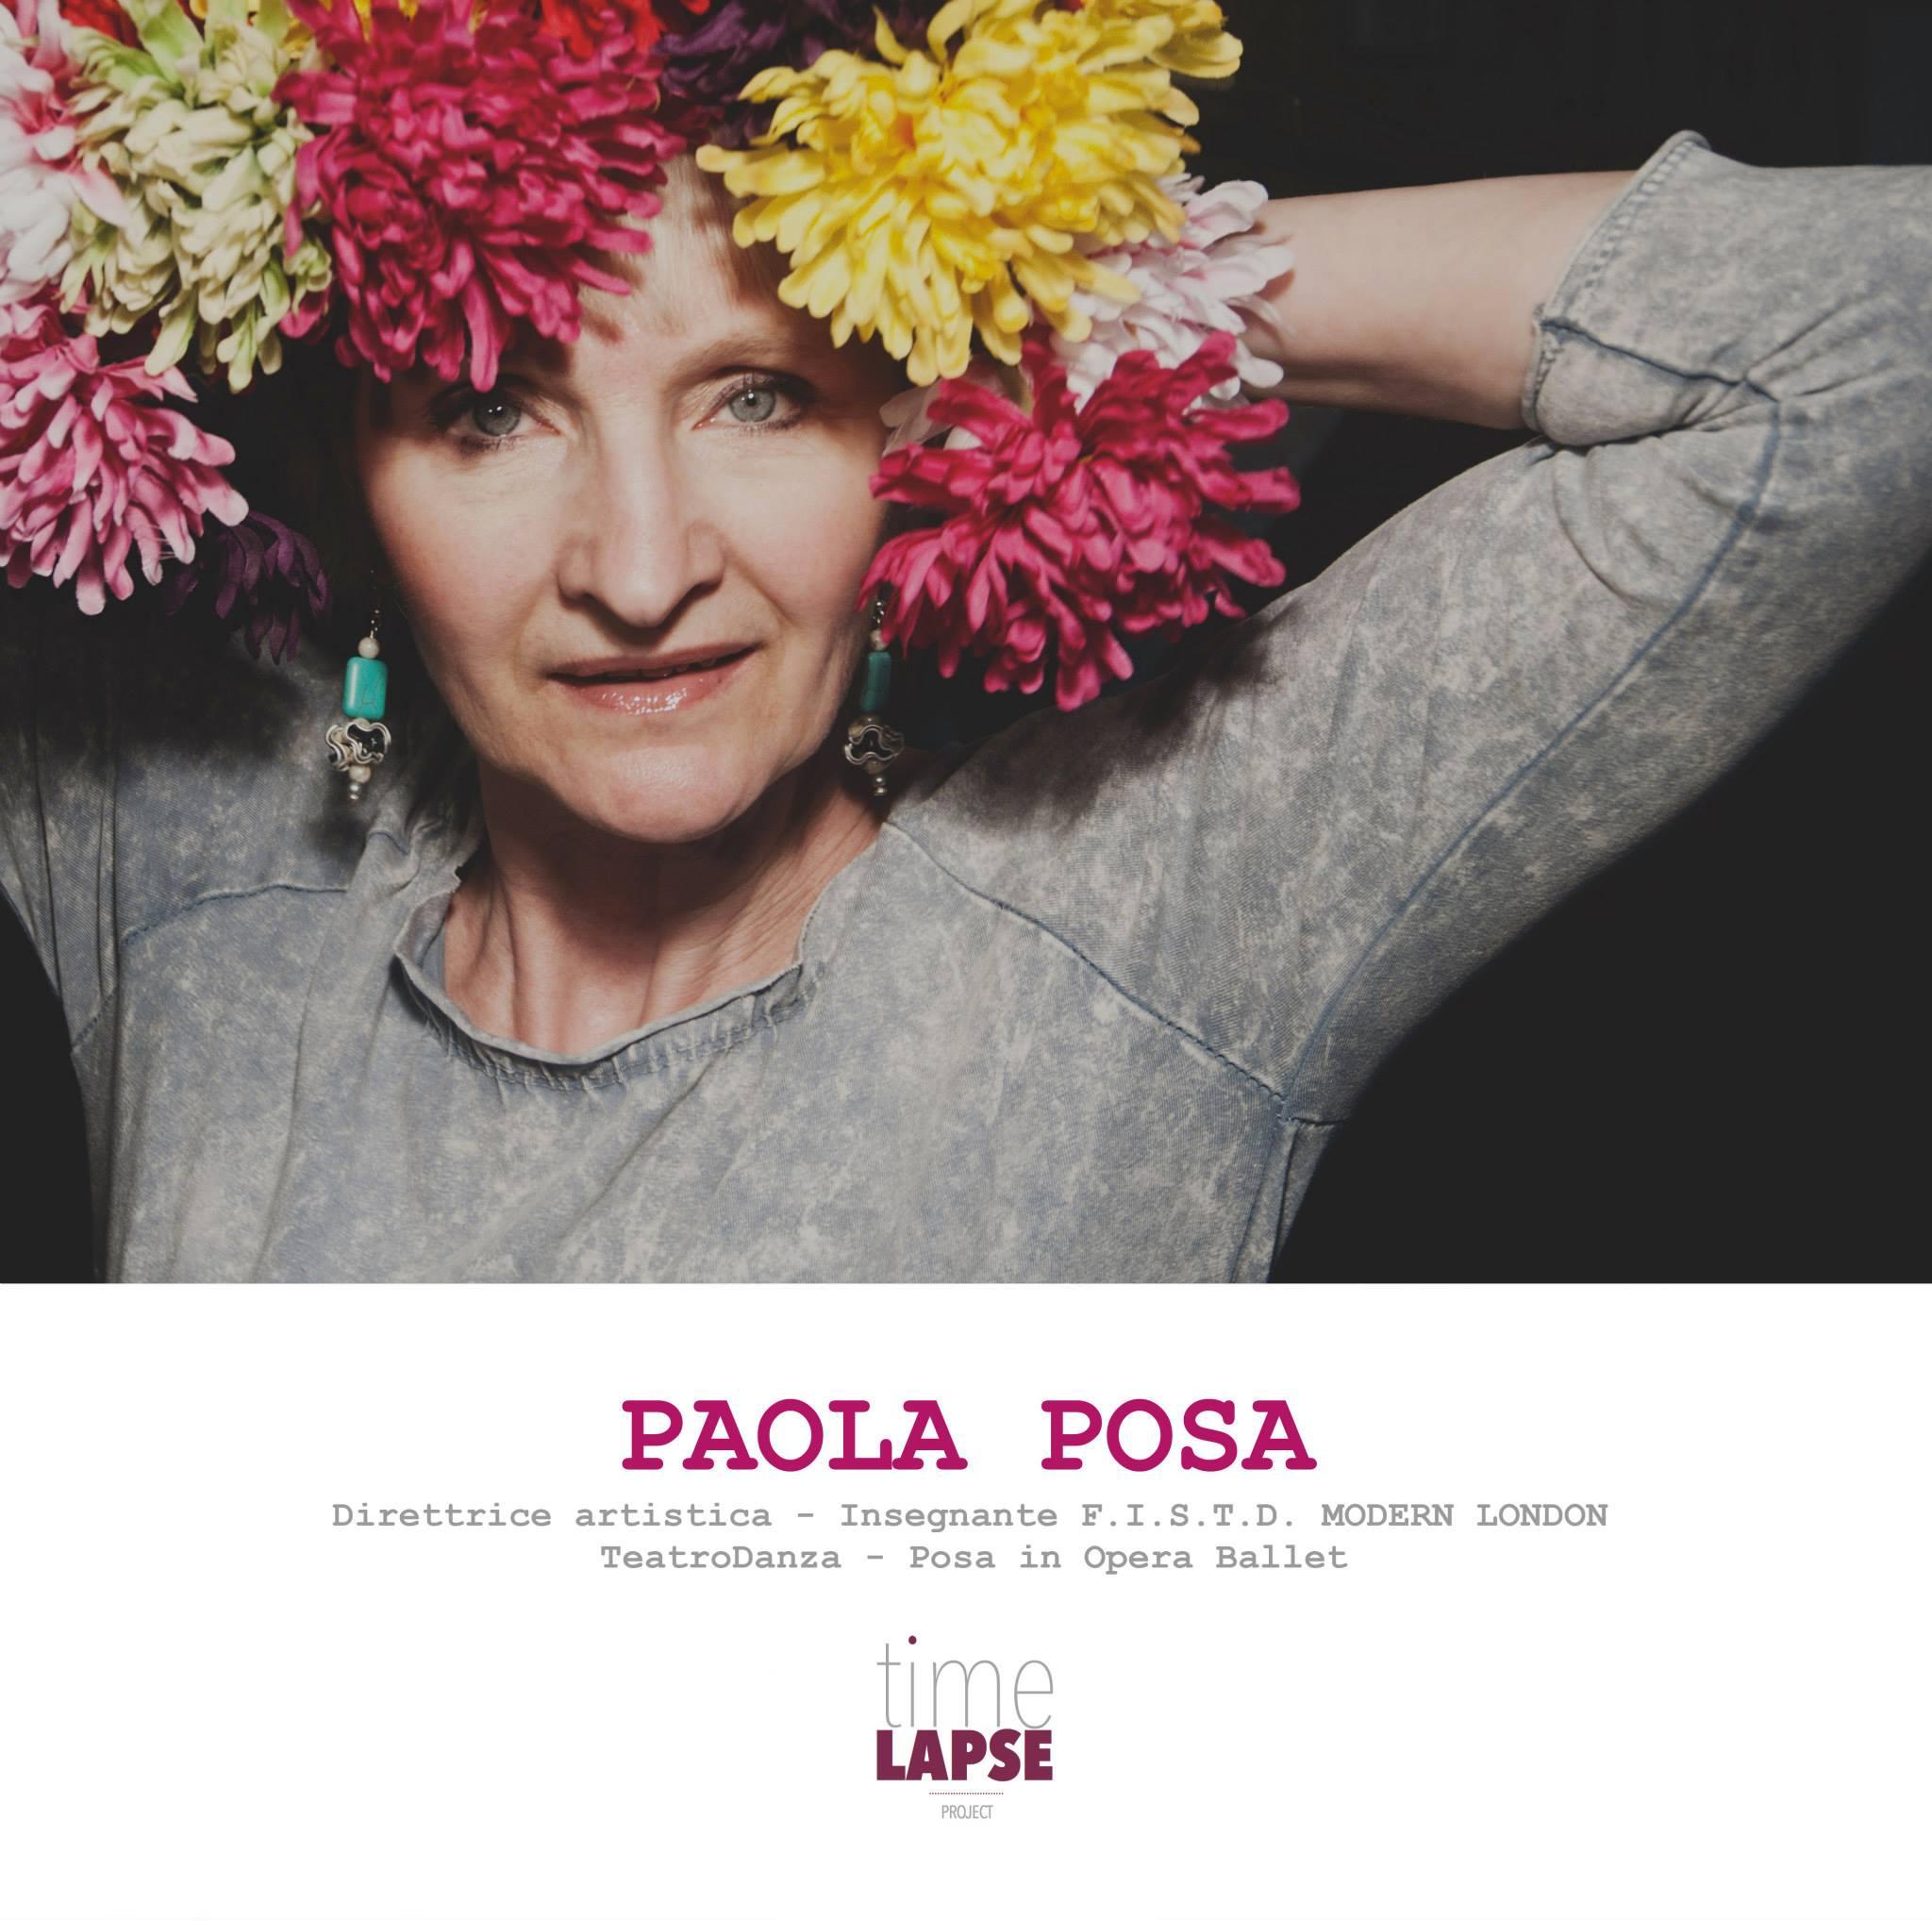 PAOLA POSA